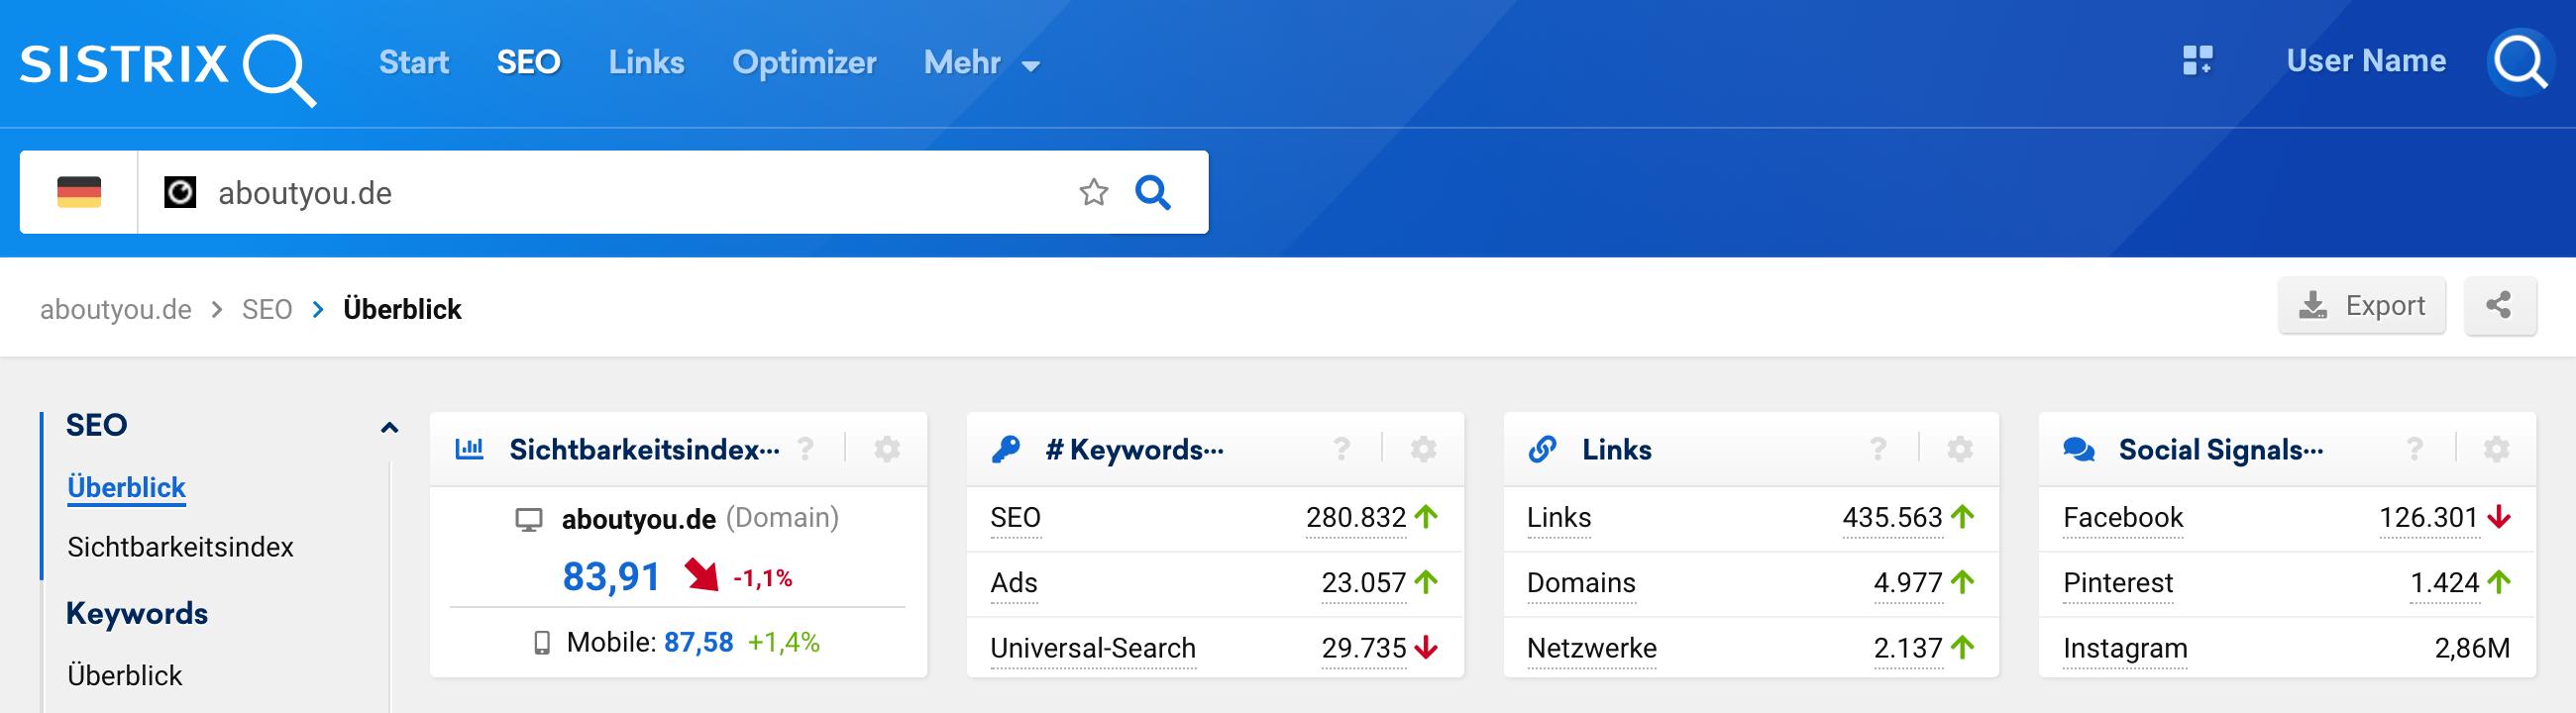 Top-Navigation der SISTRIX Toolbox. Rechts oberhalb der Datenfelder findet man die Buttons für den PDF-Export der Seite und die Erstellung eines Shortlinks.